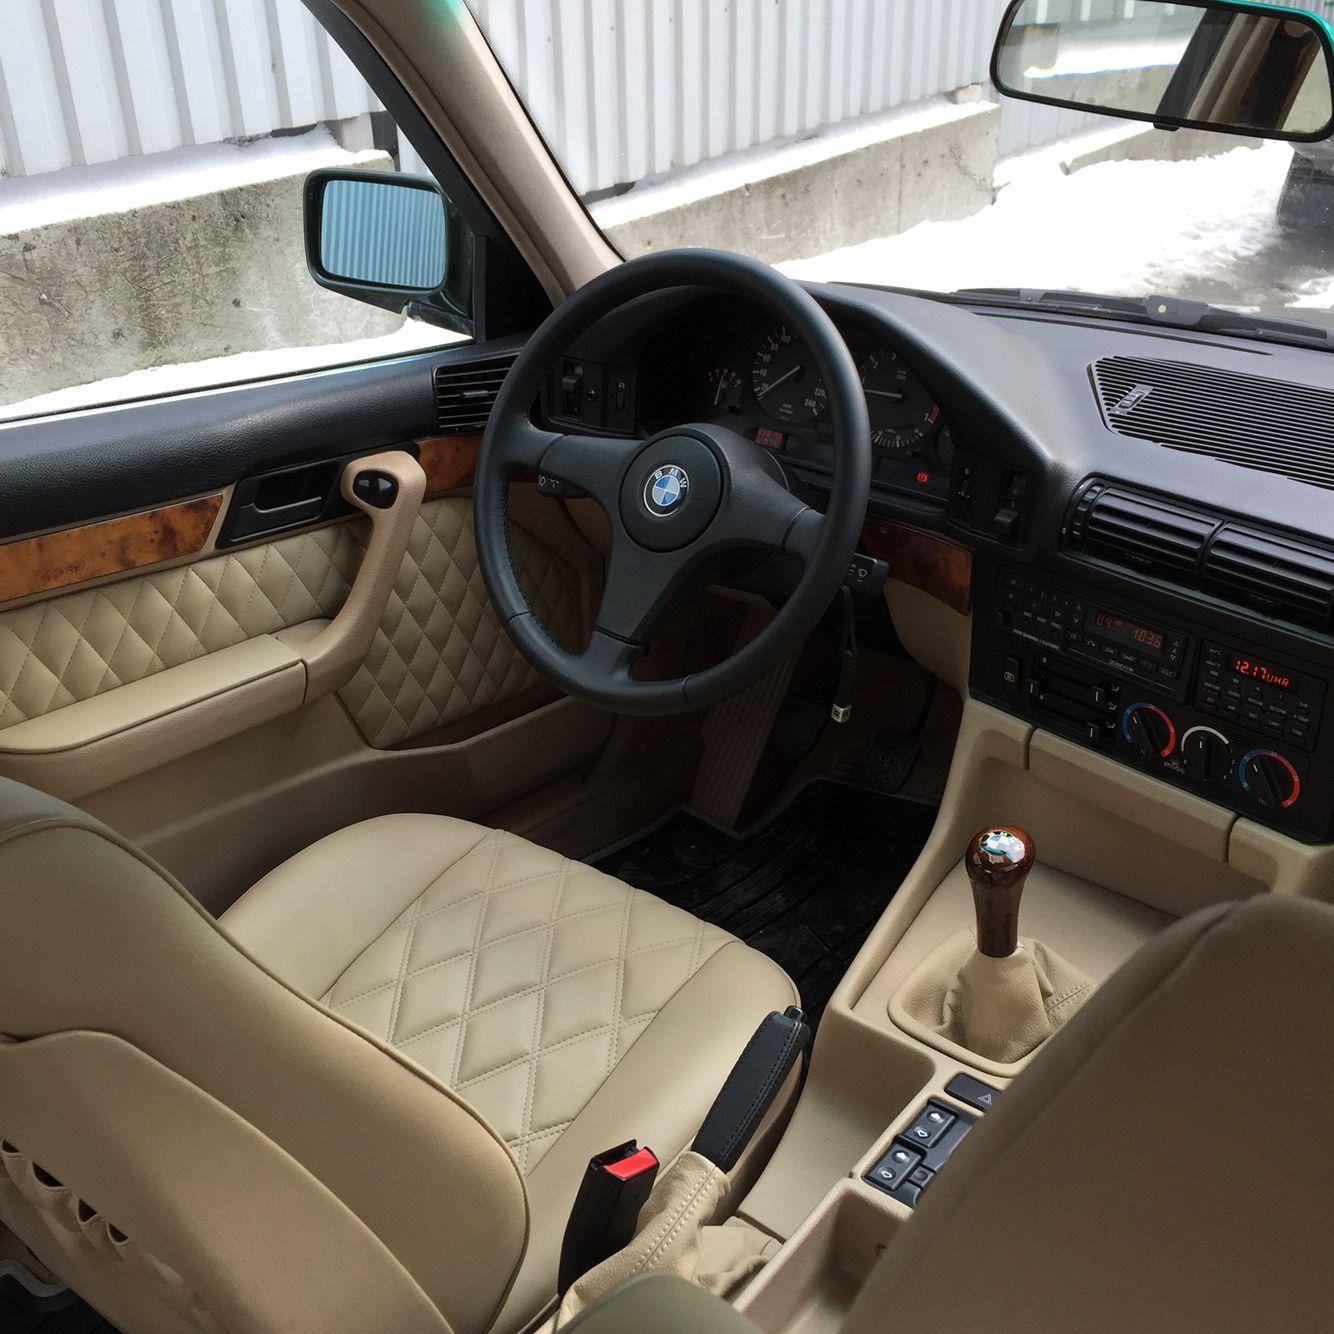 2002 Bmw M3 Interior: Interior BMW 535i E34